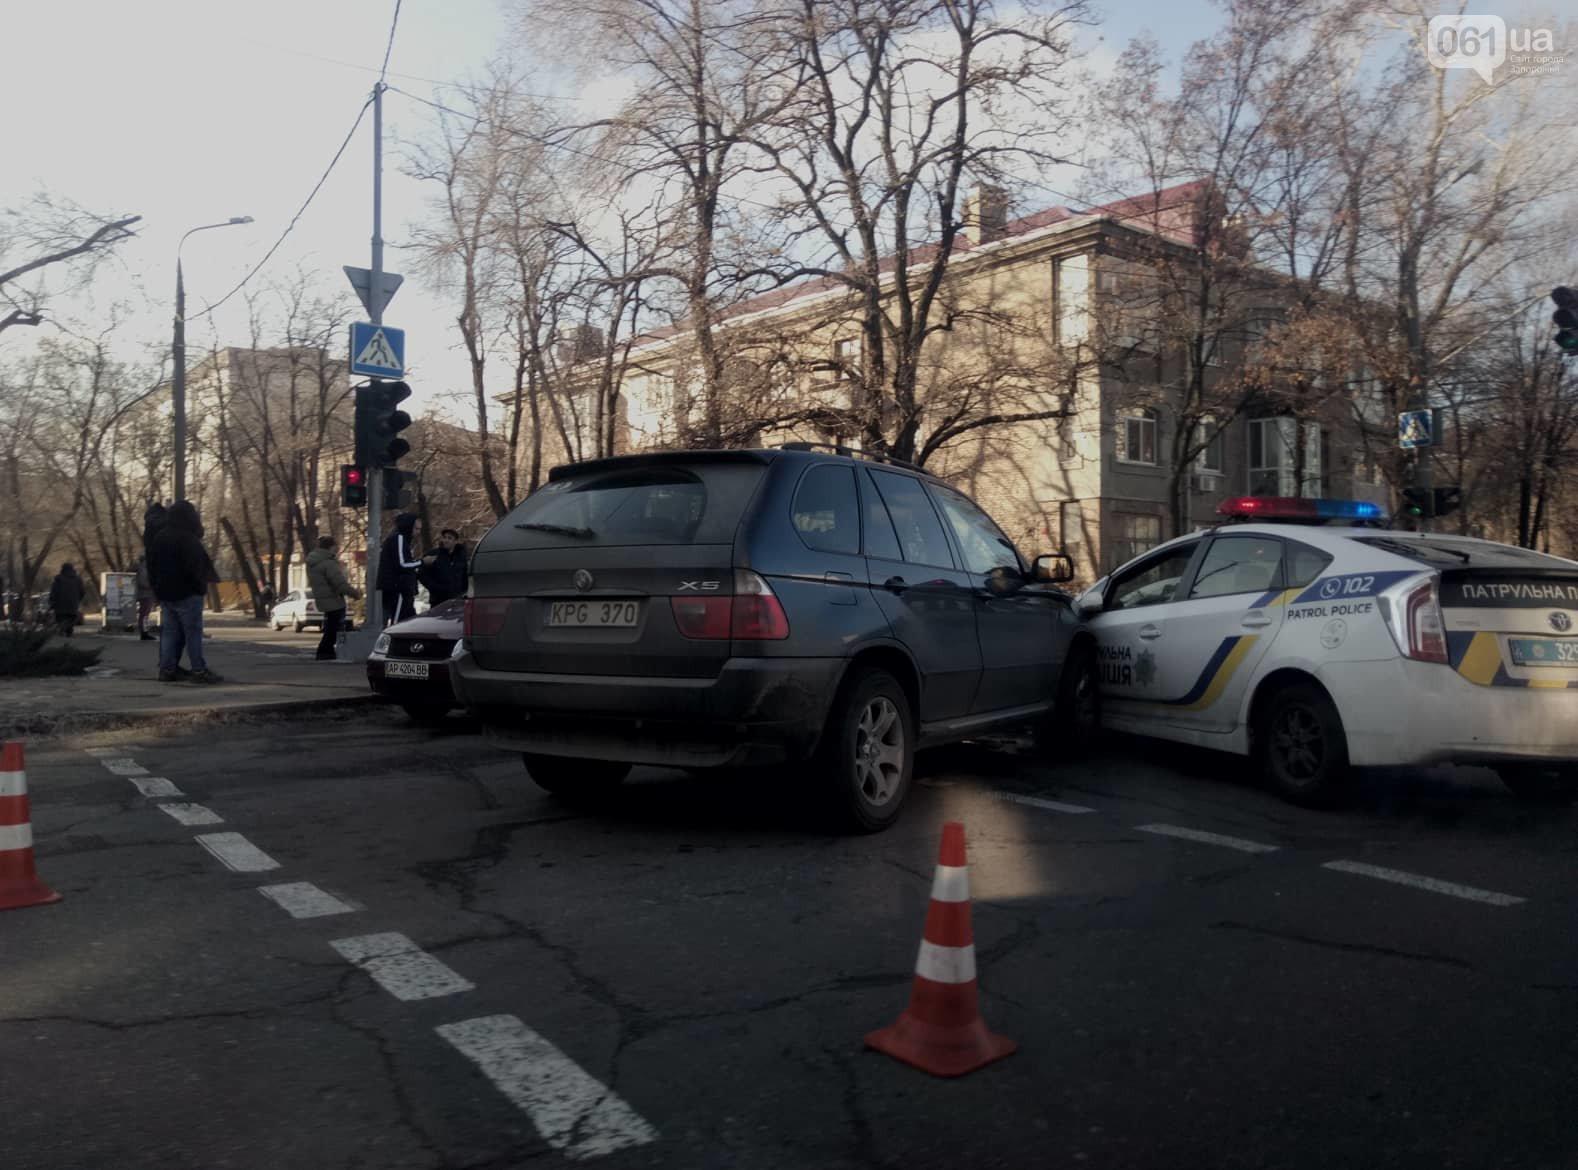 Опубликовано видео момента столкновения BMW X5 на еврономерах с патрульным авто